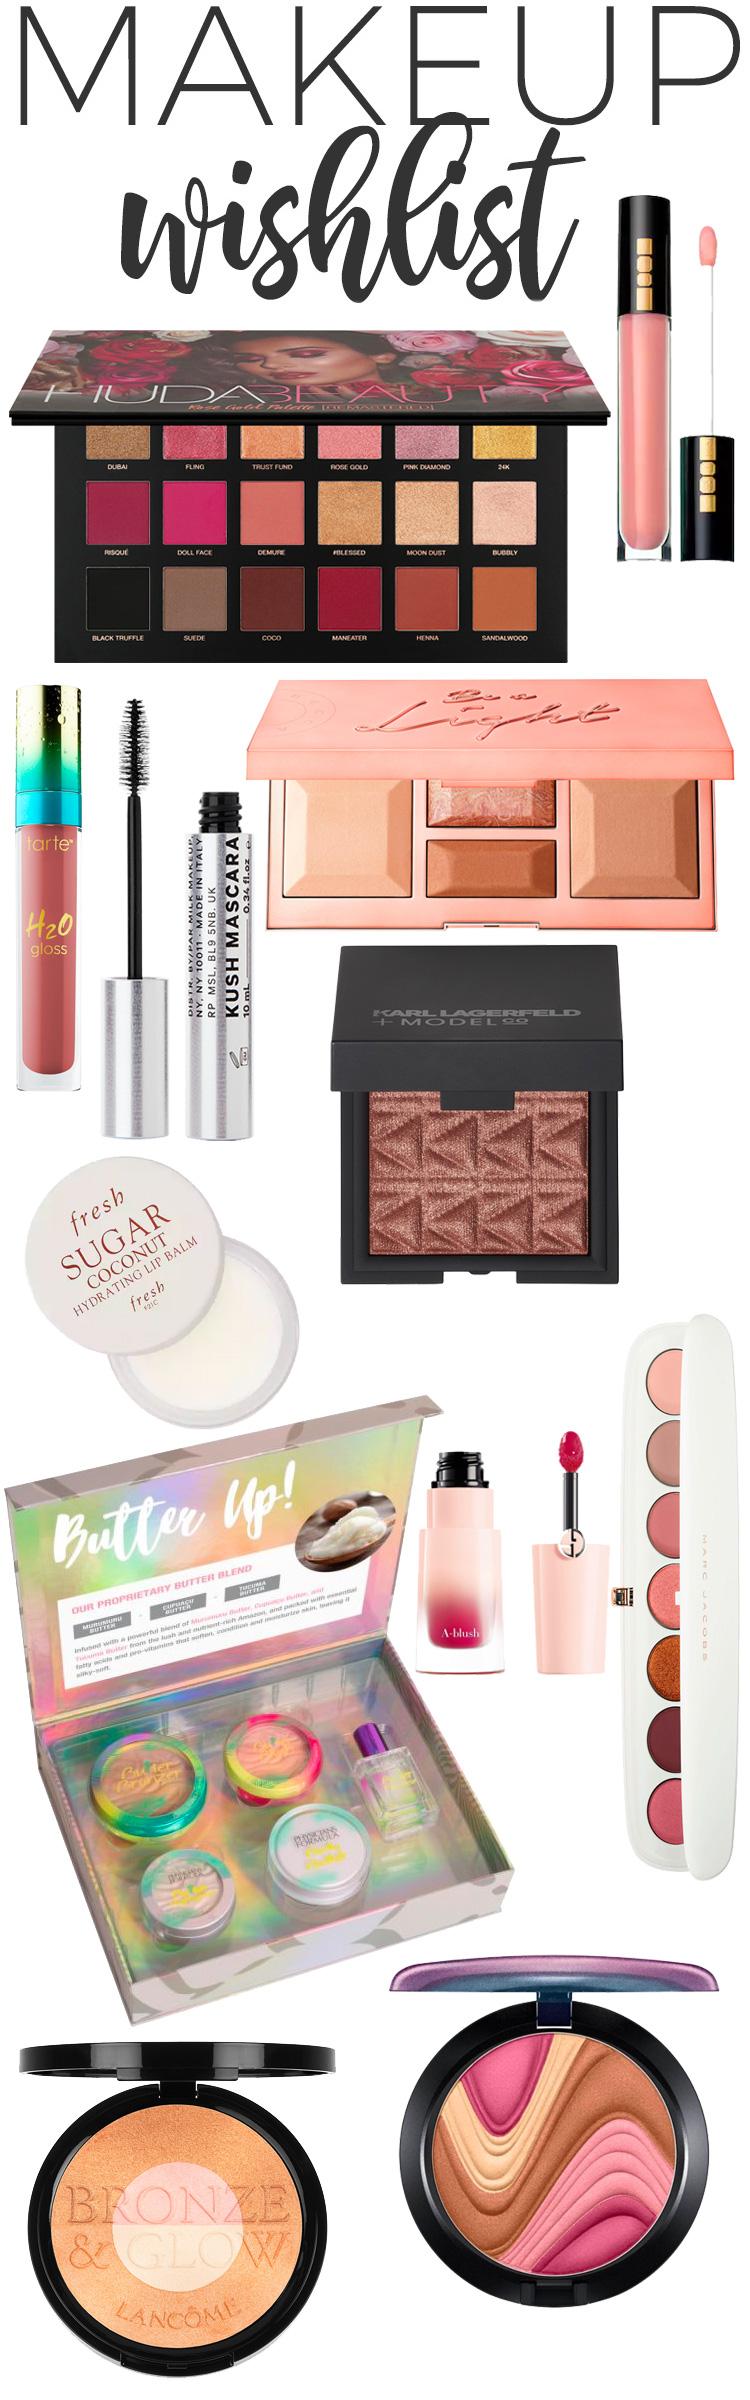 June Makeup Wishlist